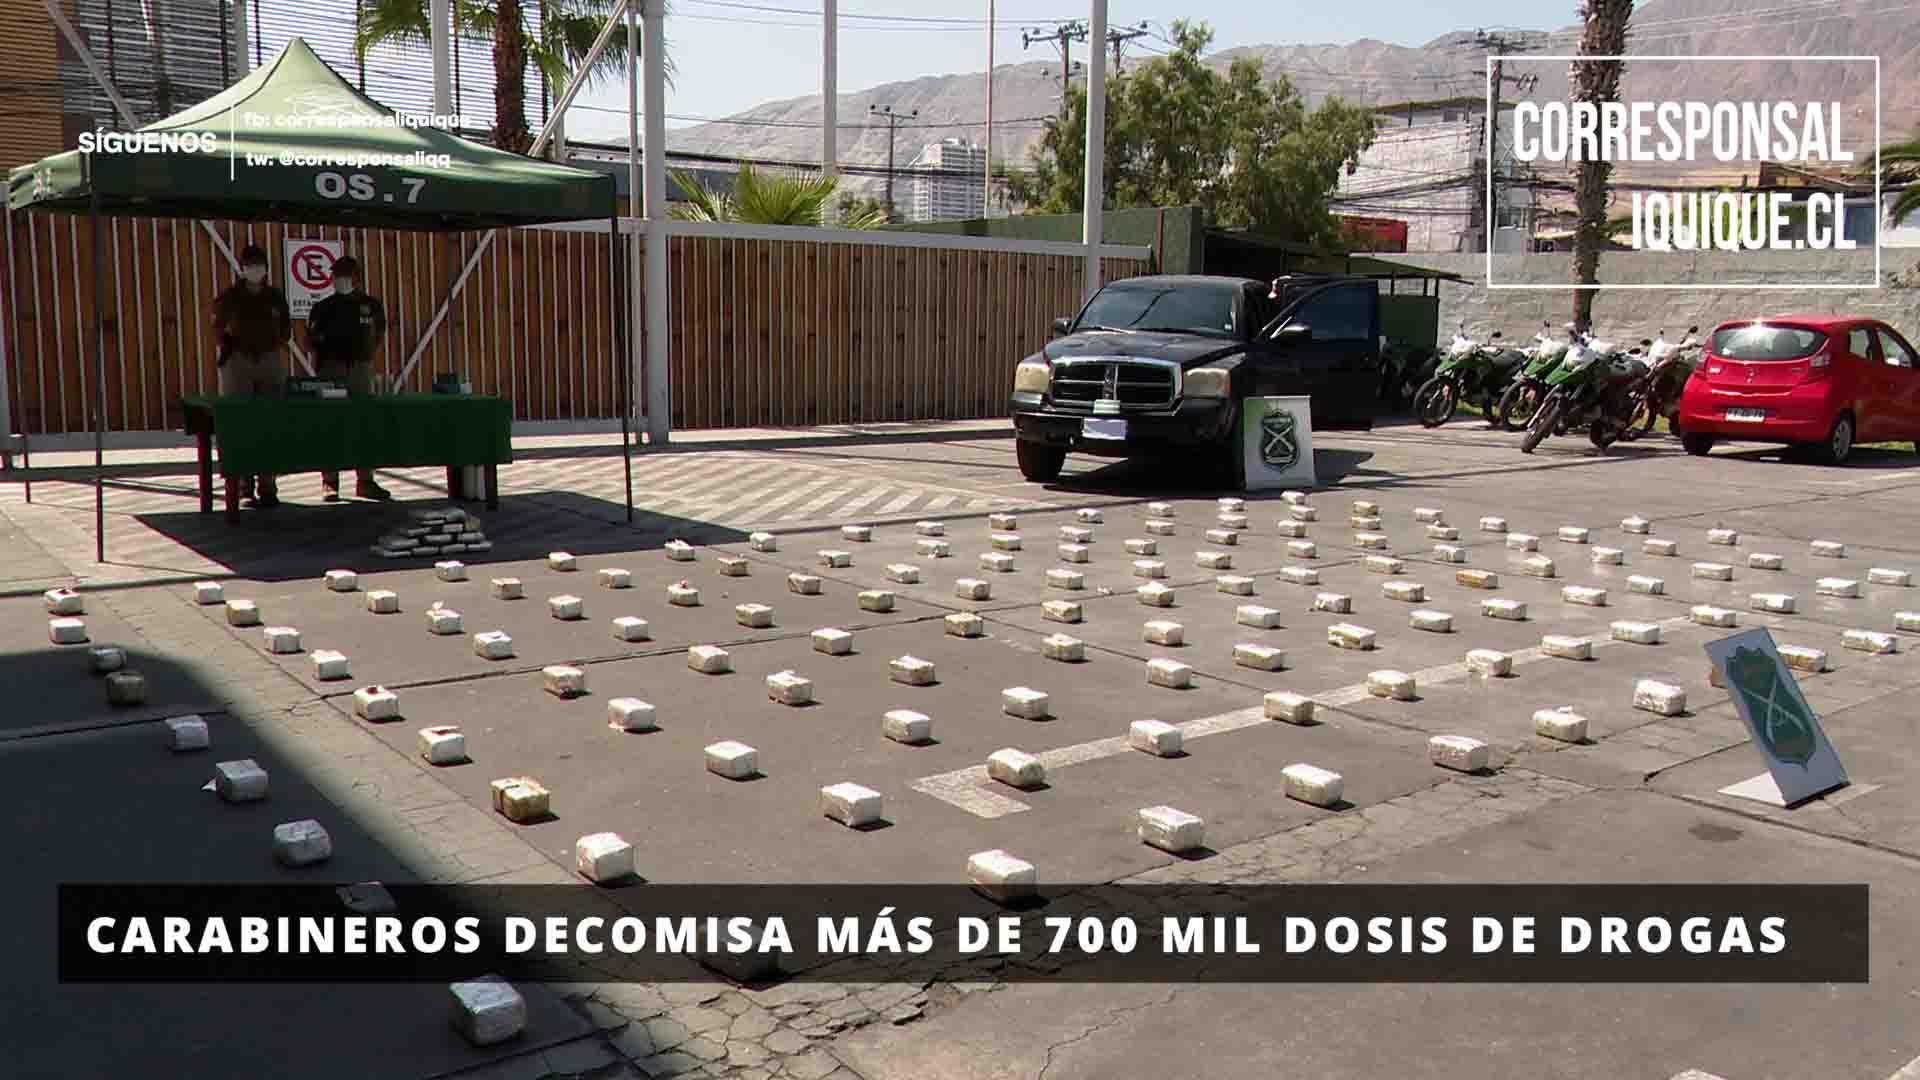 Photo of Carabineros decomisa más de 700 mil dosis de droga